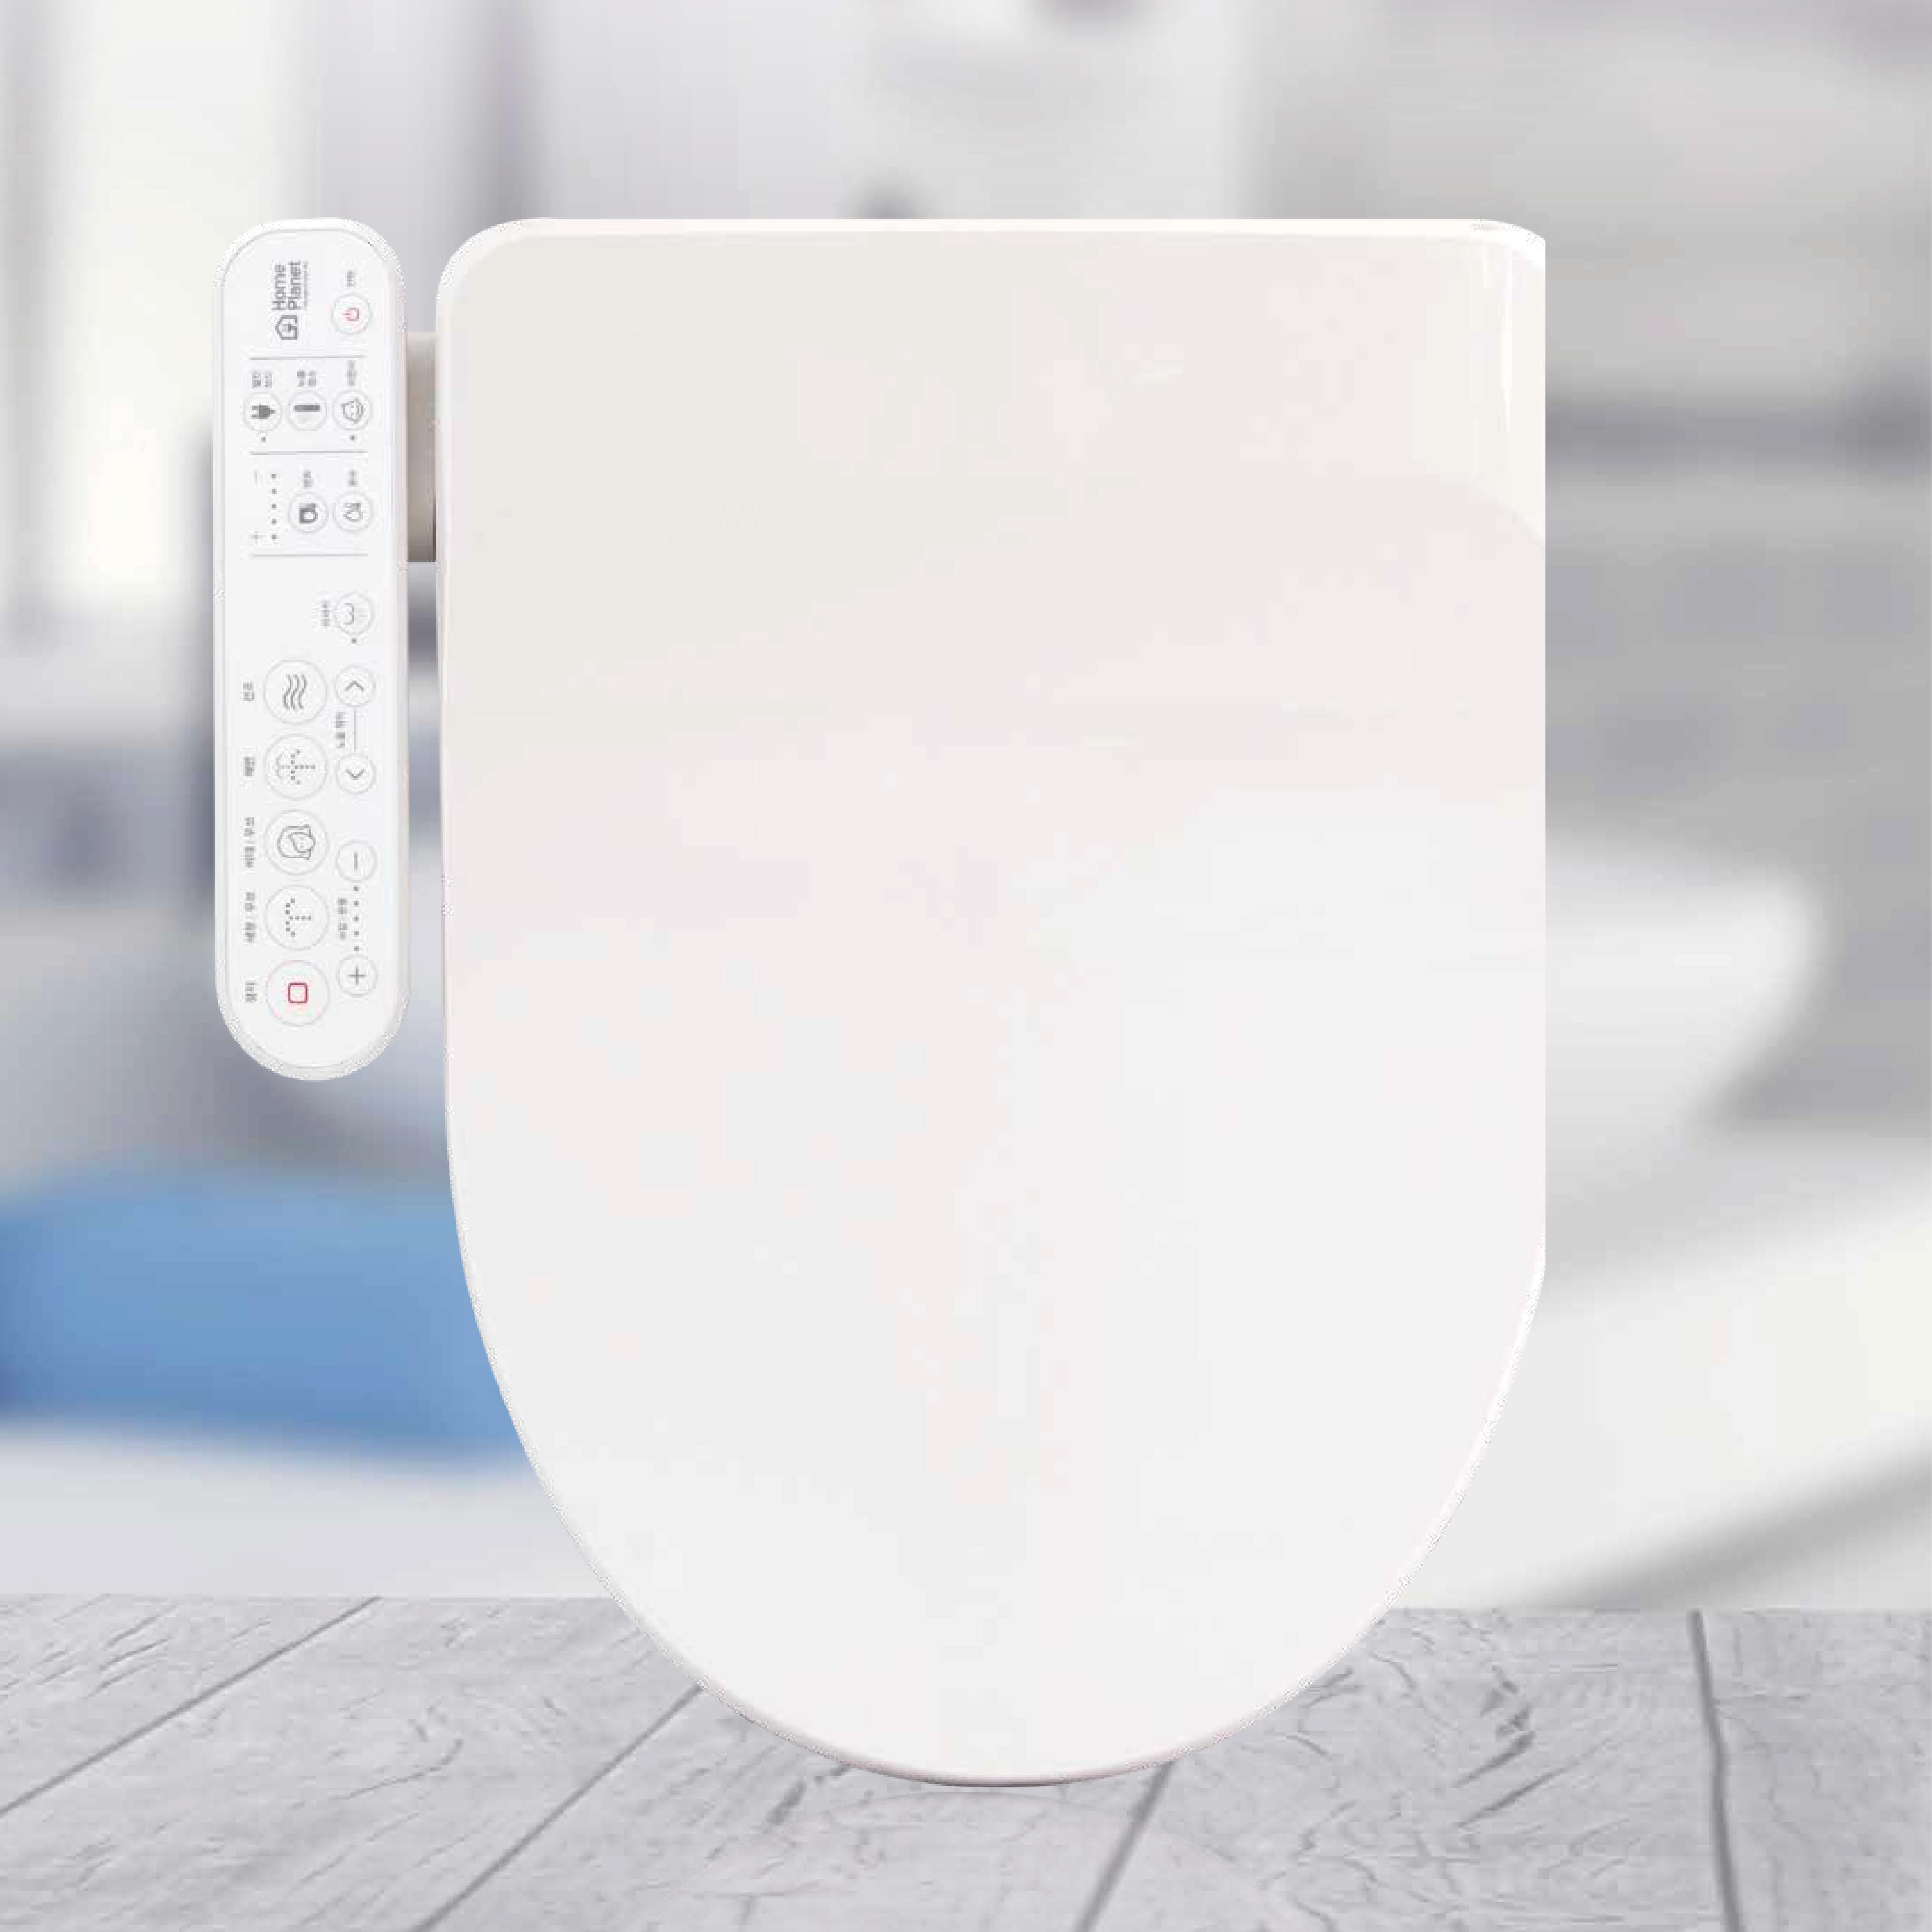 [방수비데] 홈플래닛 듀얼절전 생활방수 비데, HBD-1000 - 랭킹3위 (108490원)